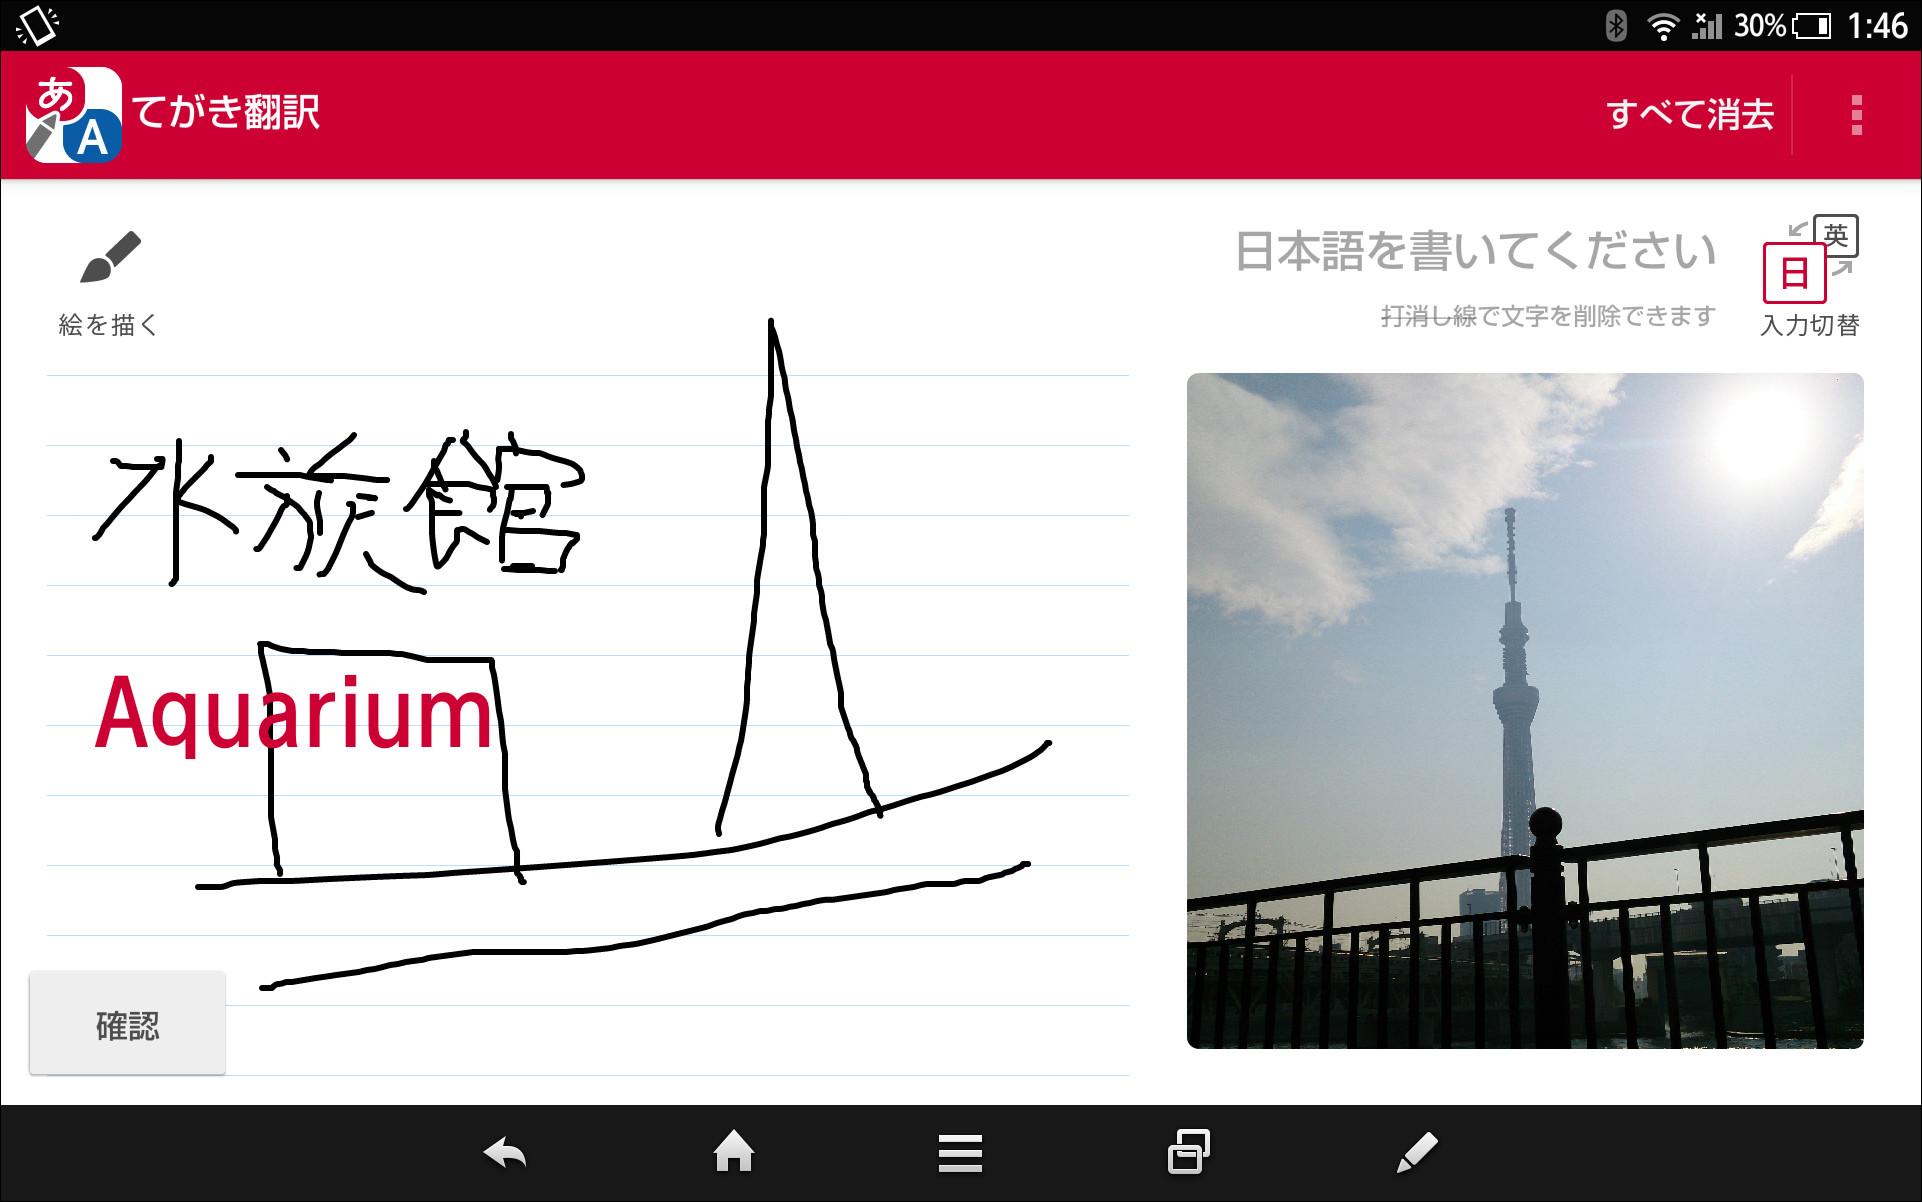 タブレットの場合、手書き入力画面に画像や手描きしたイラストを挿入できる